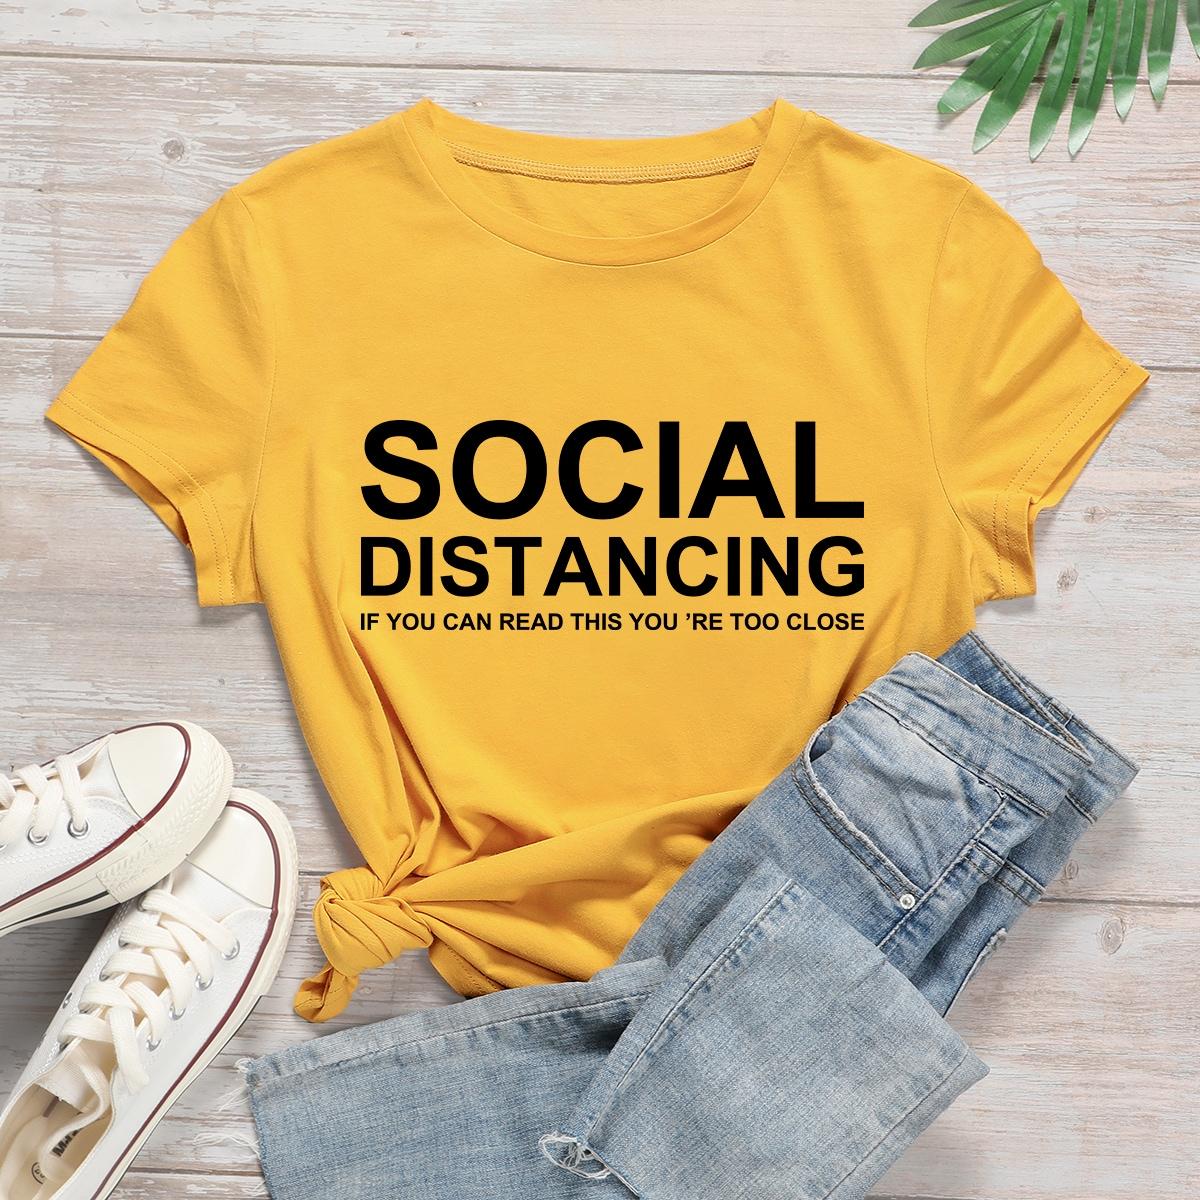 Жёлтые Лозунг Повседневный Размер плюс футболка фото